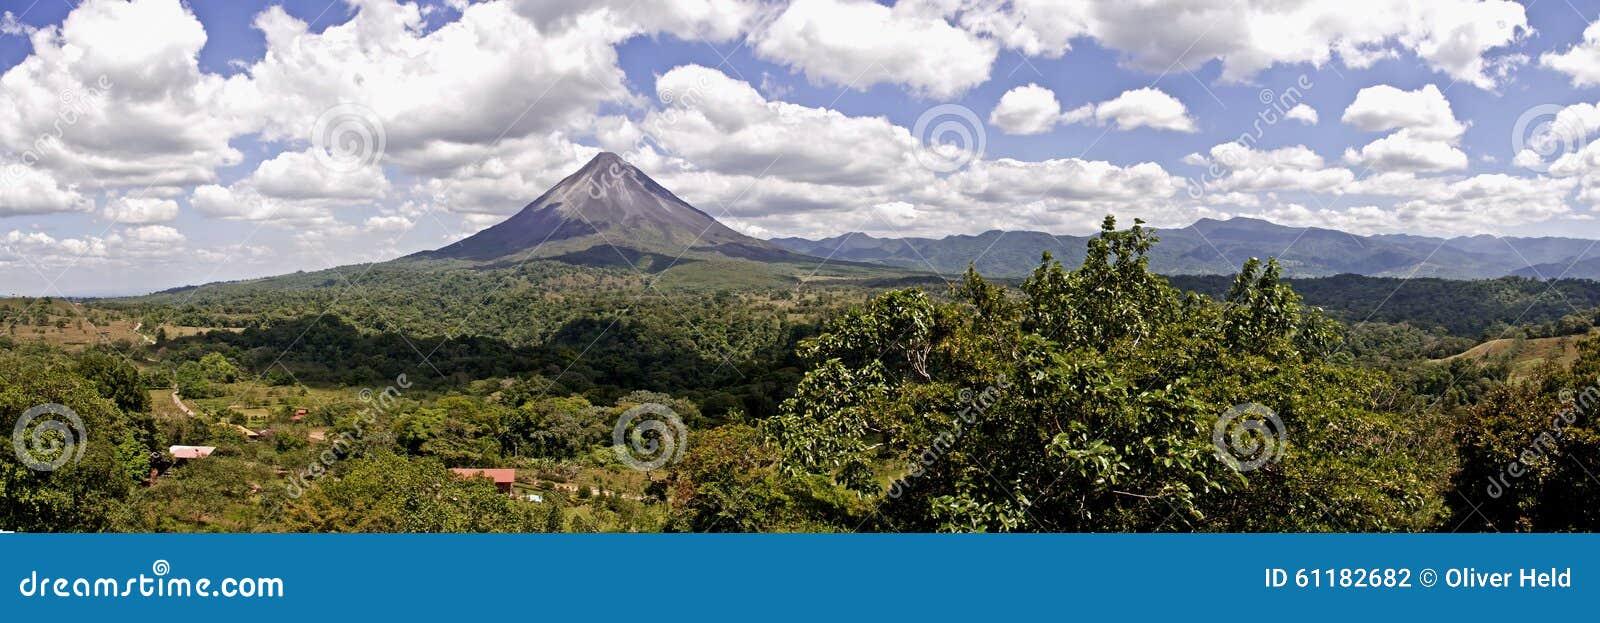 Vulcão de Arenal, Costa Rica